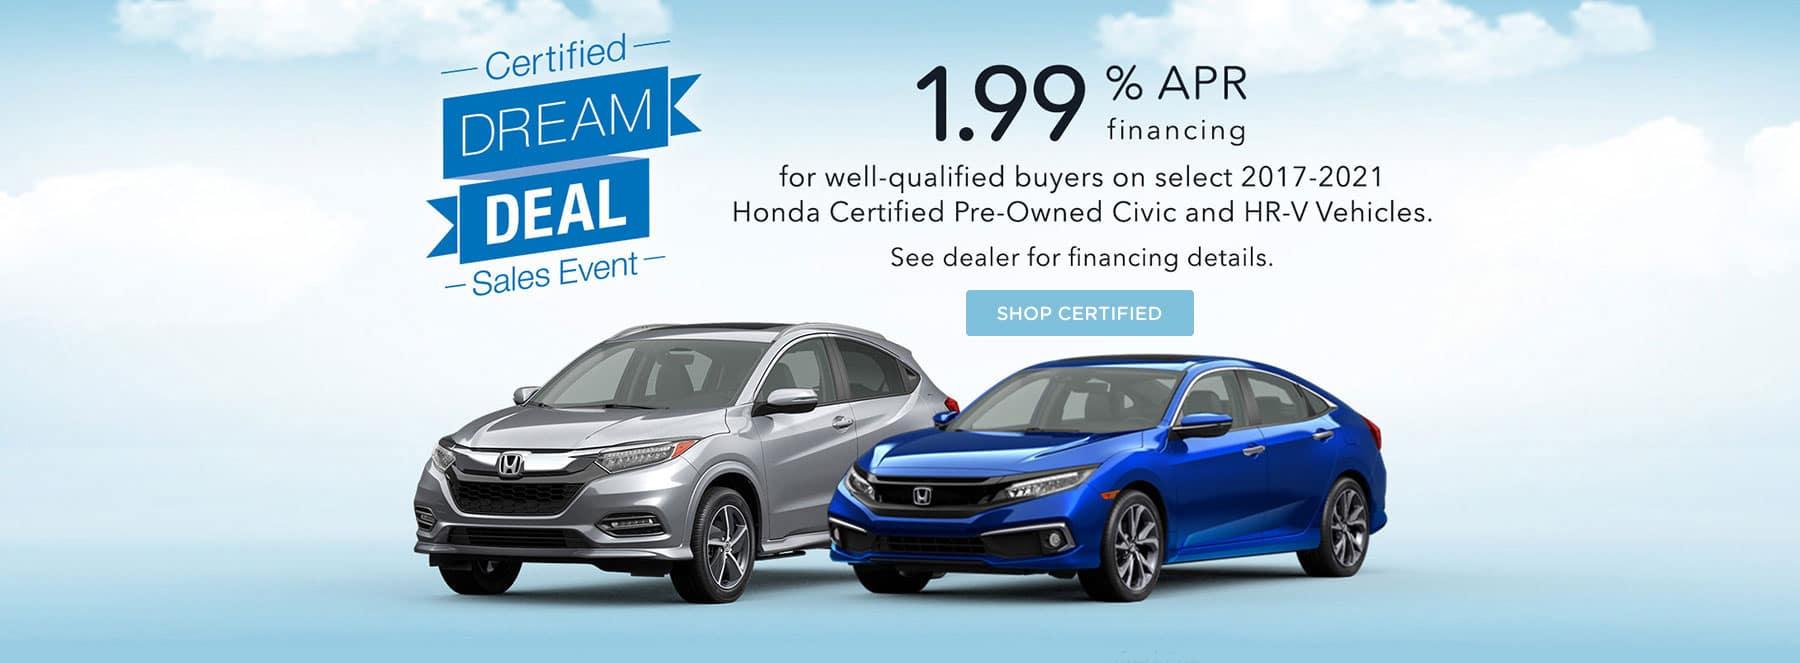 Honda_Certified_Dream_Deal-June21